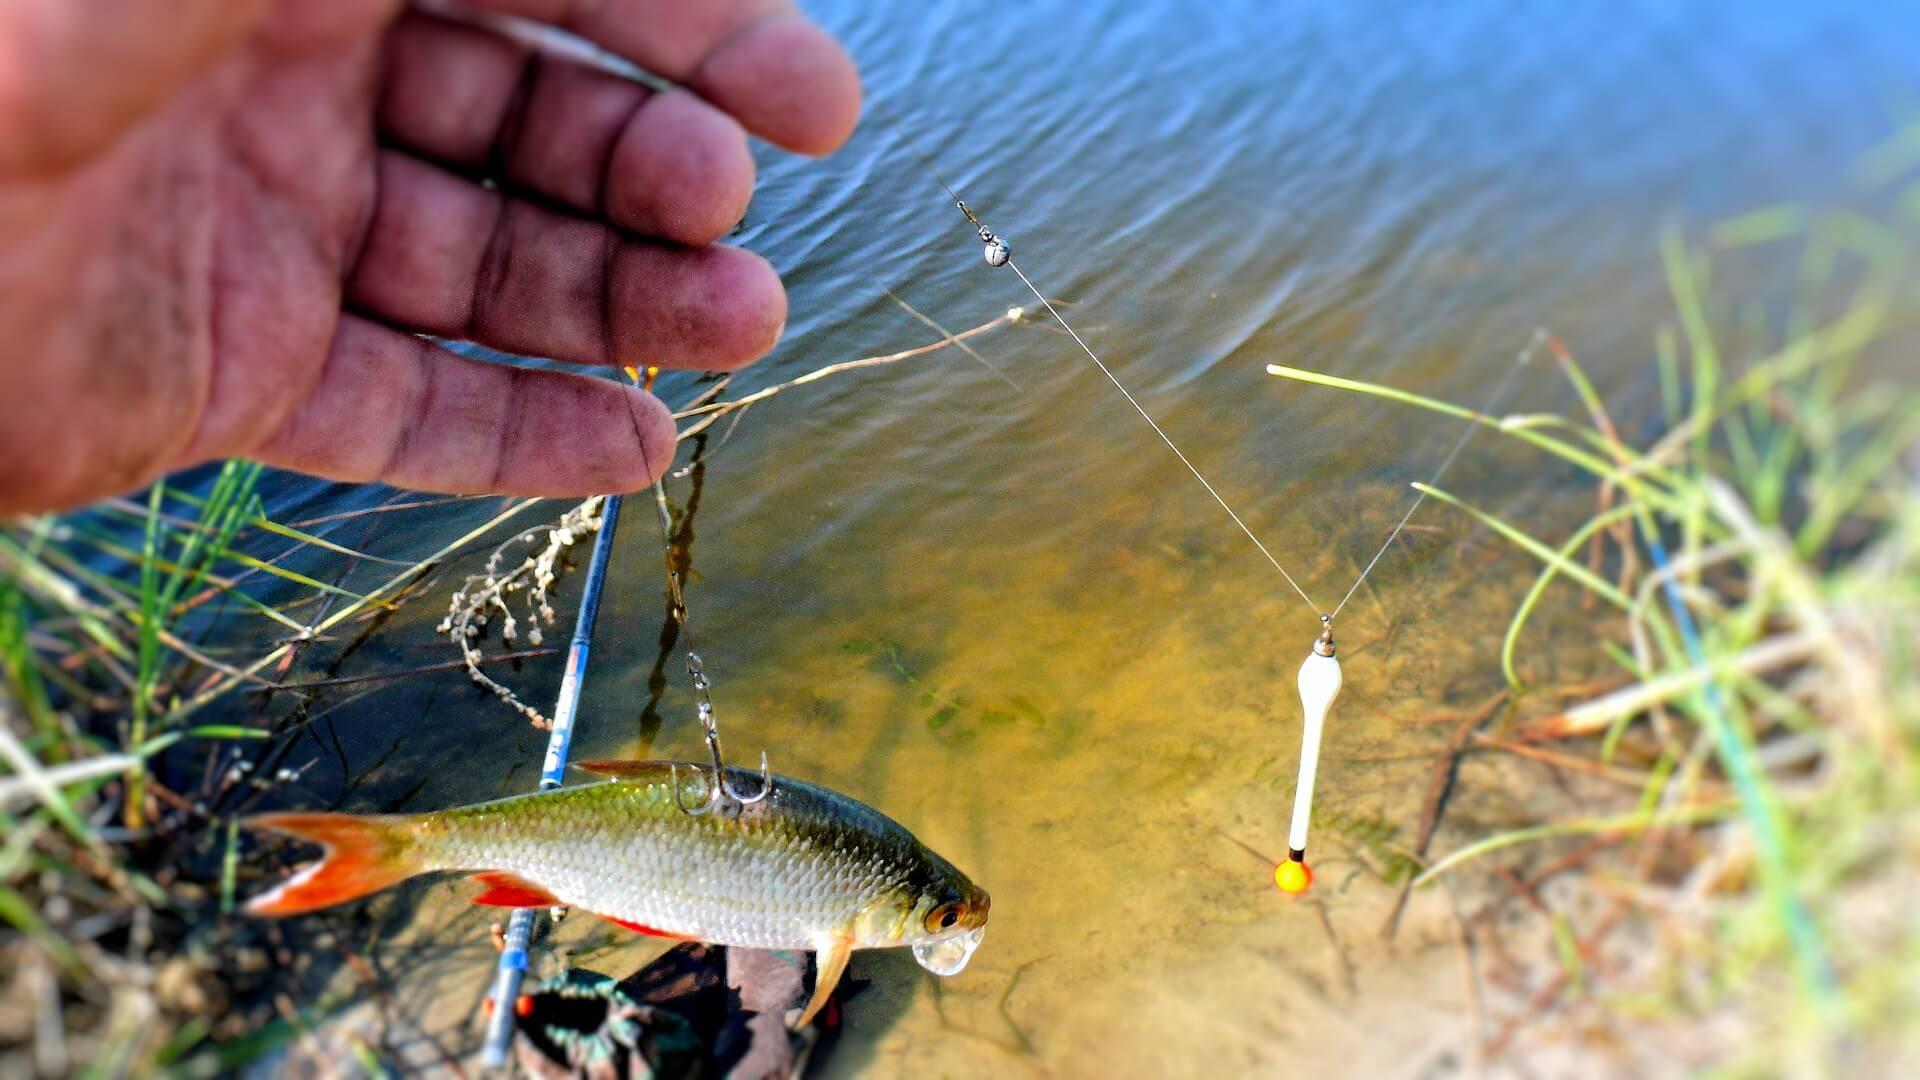 Ловля судака на живца - малька или тюльку: как насадить его на крючок и какую наживку лучше использовать осенью, а какую летом